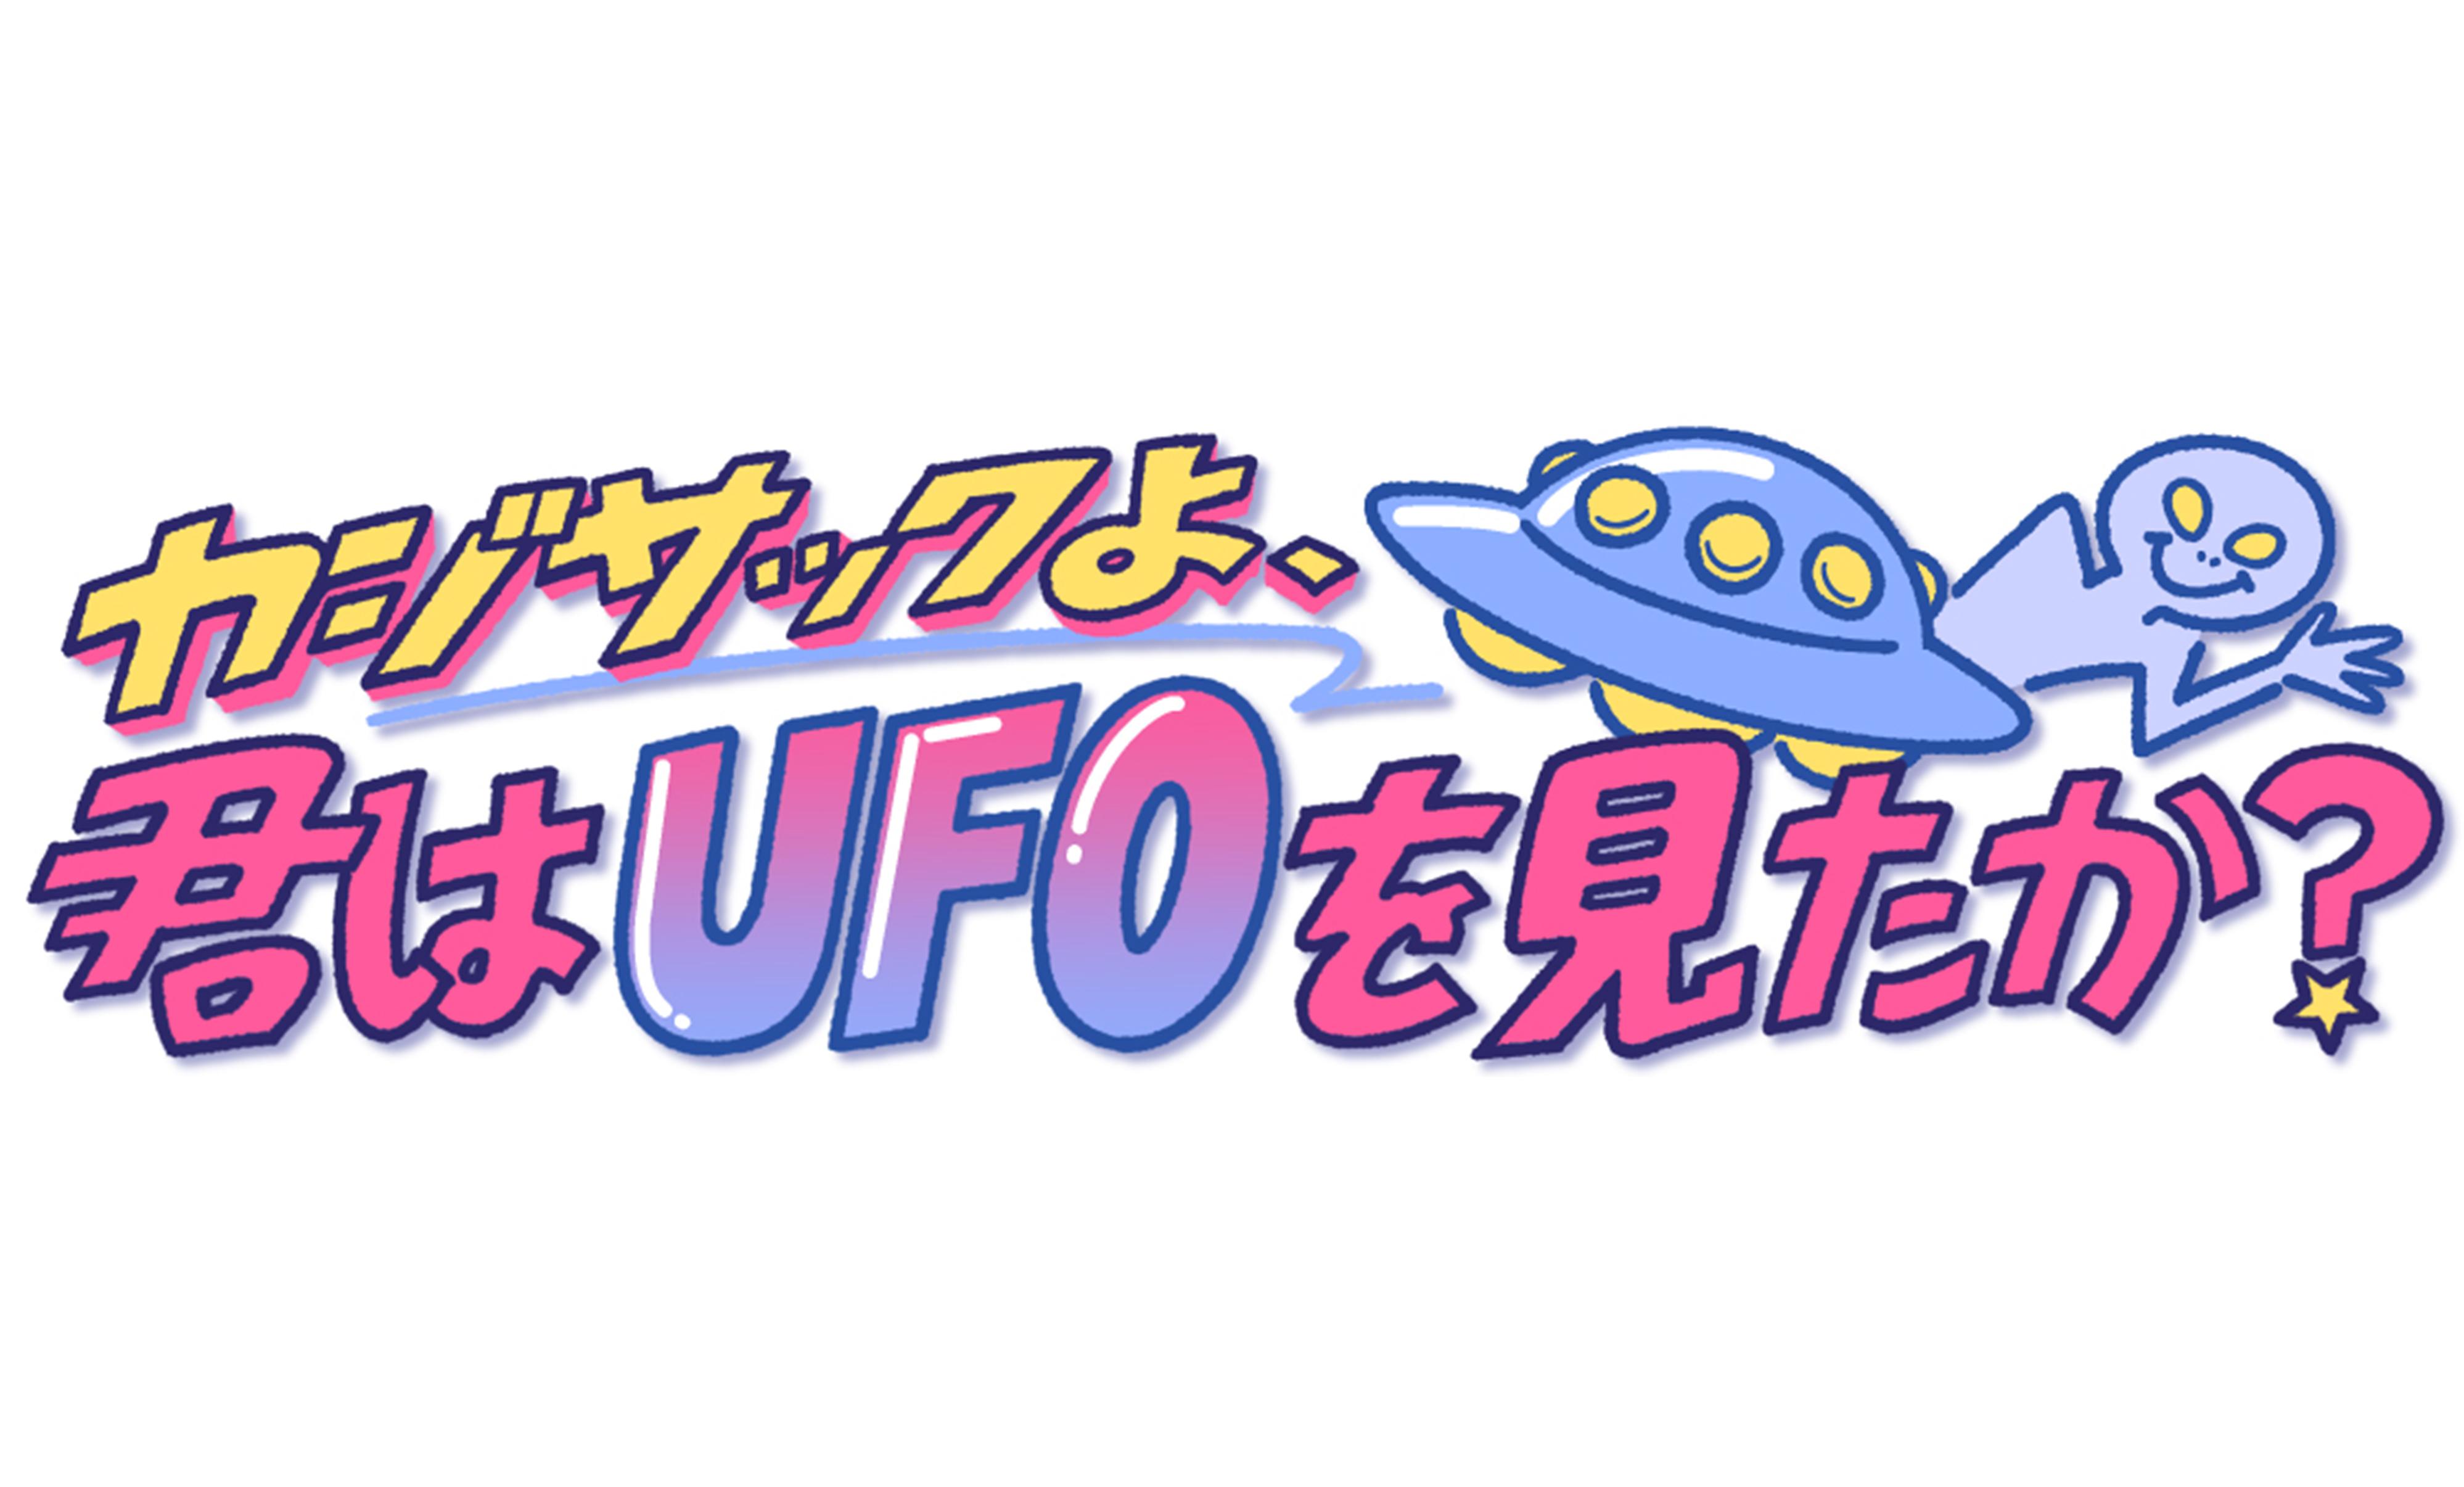 カジサックよ、君はUFOを見たか?